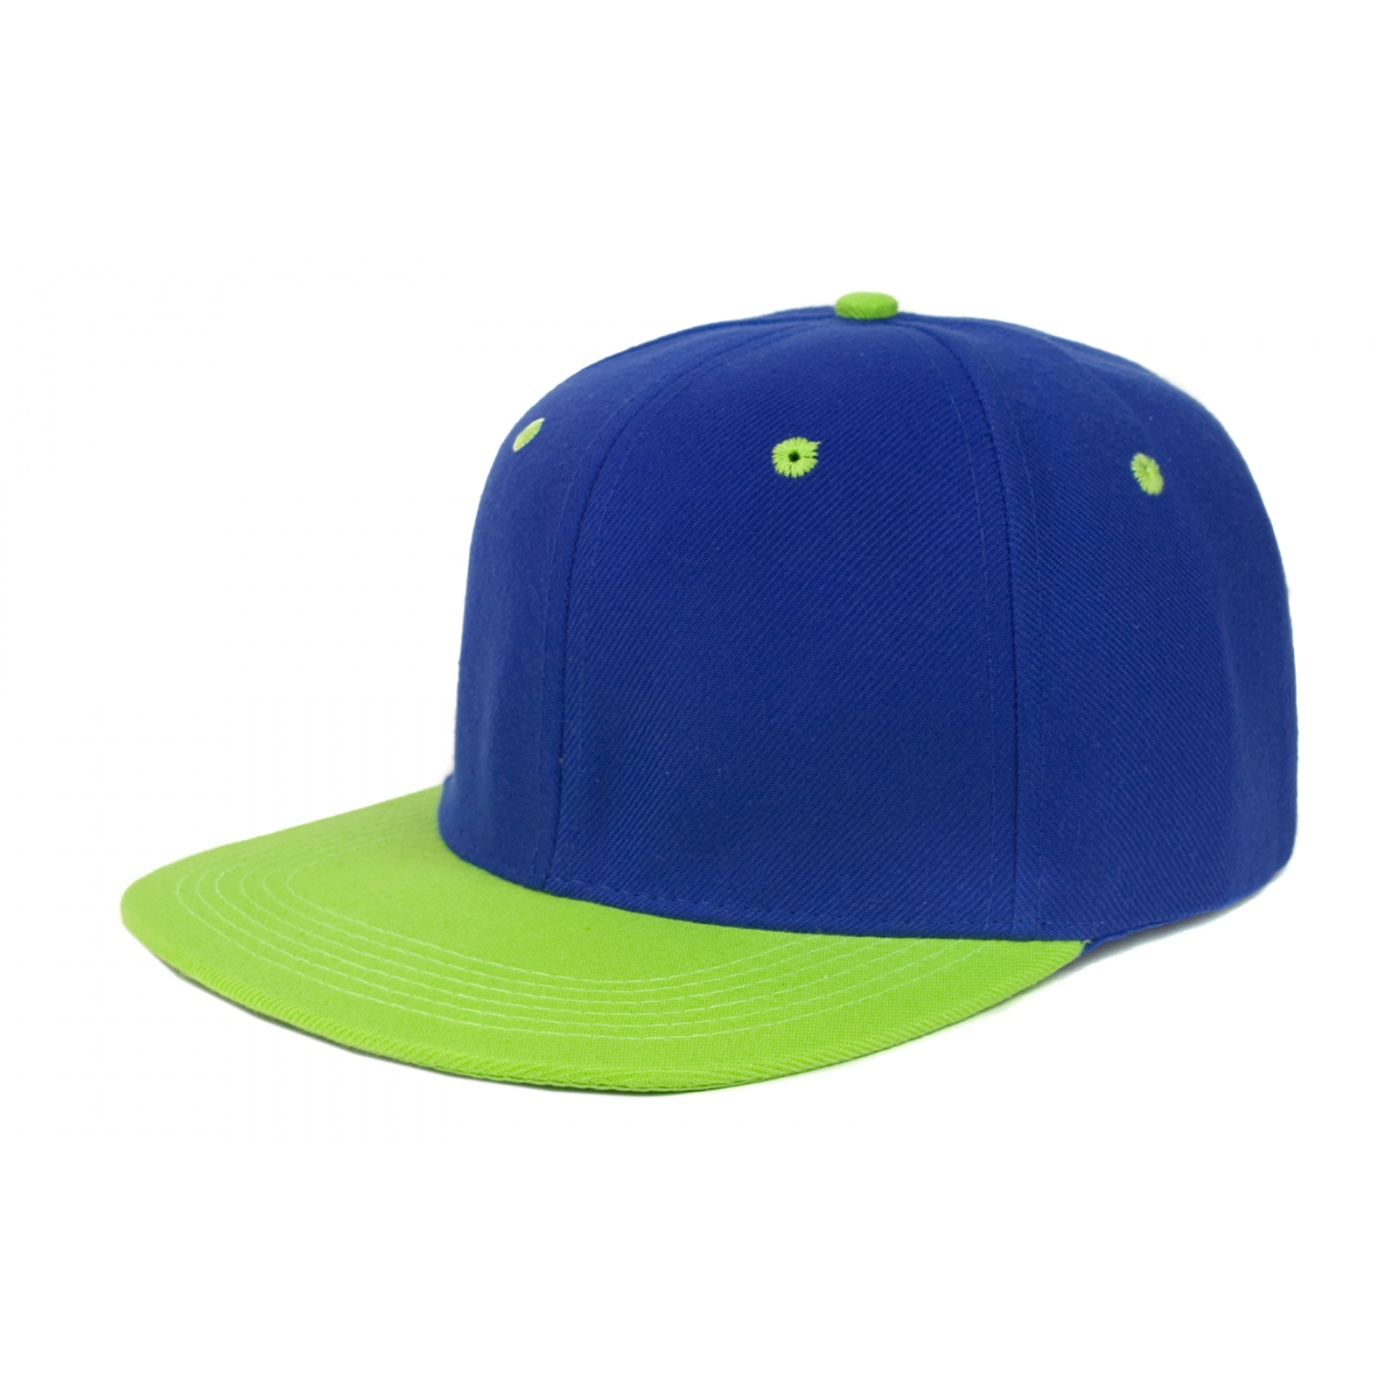 Czapka fullcap neonowa – limonka / niebieski